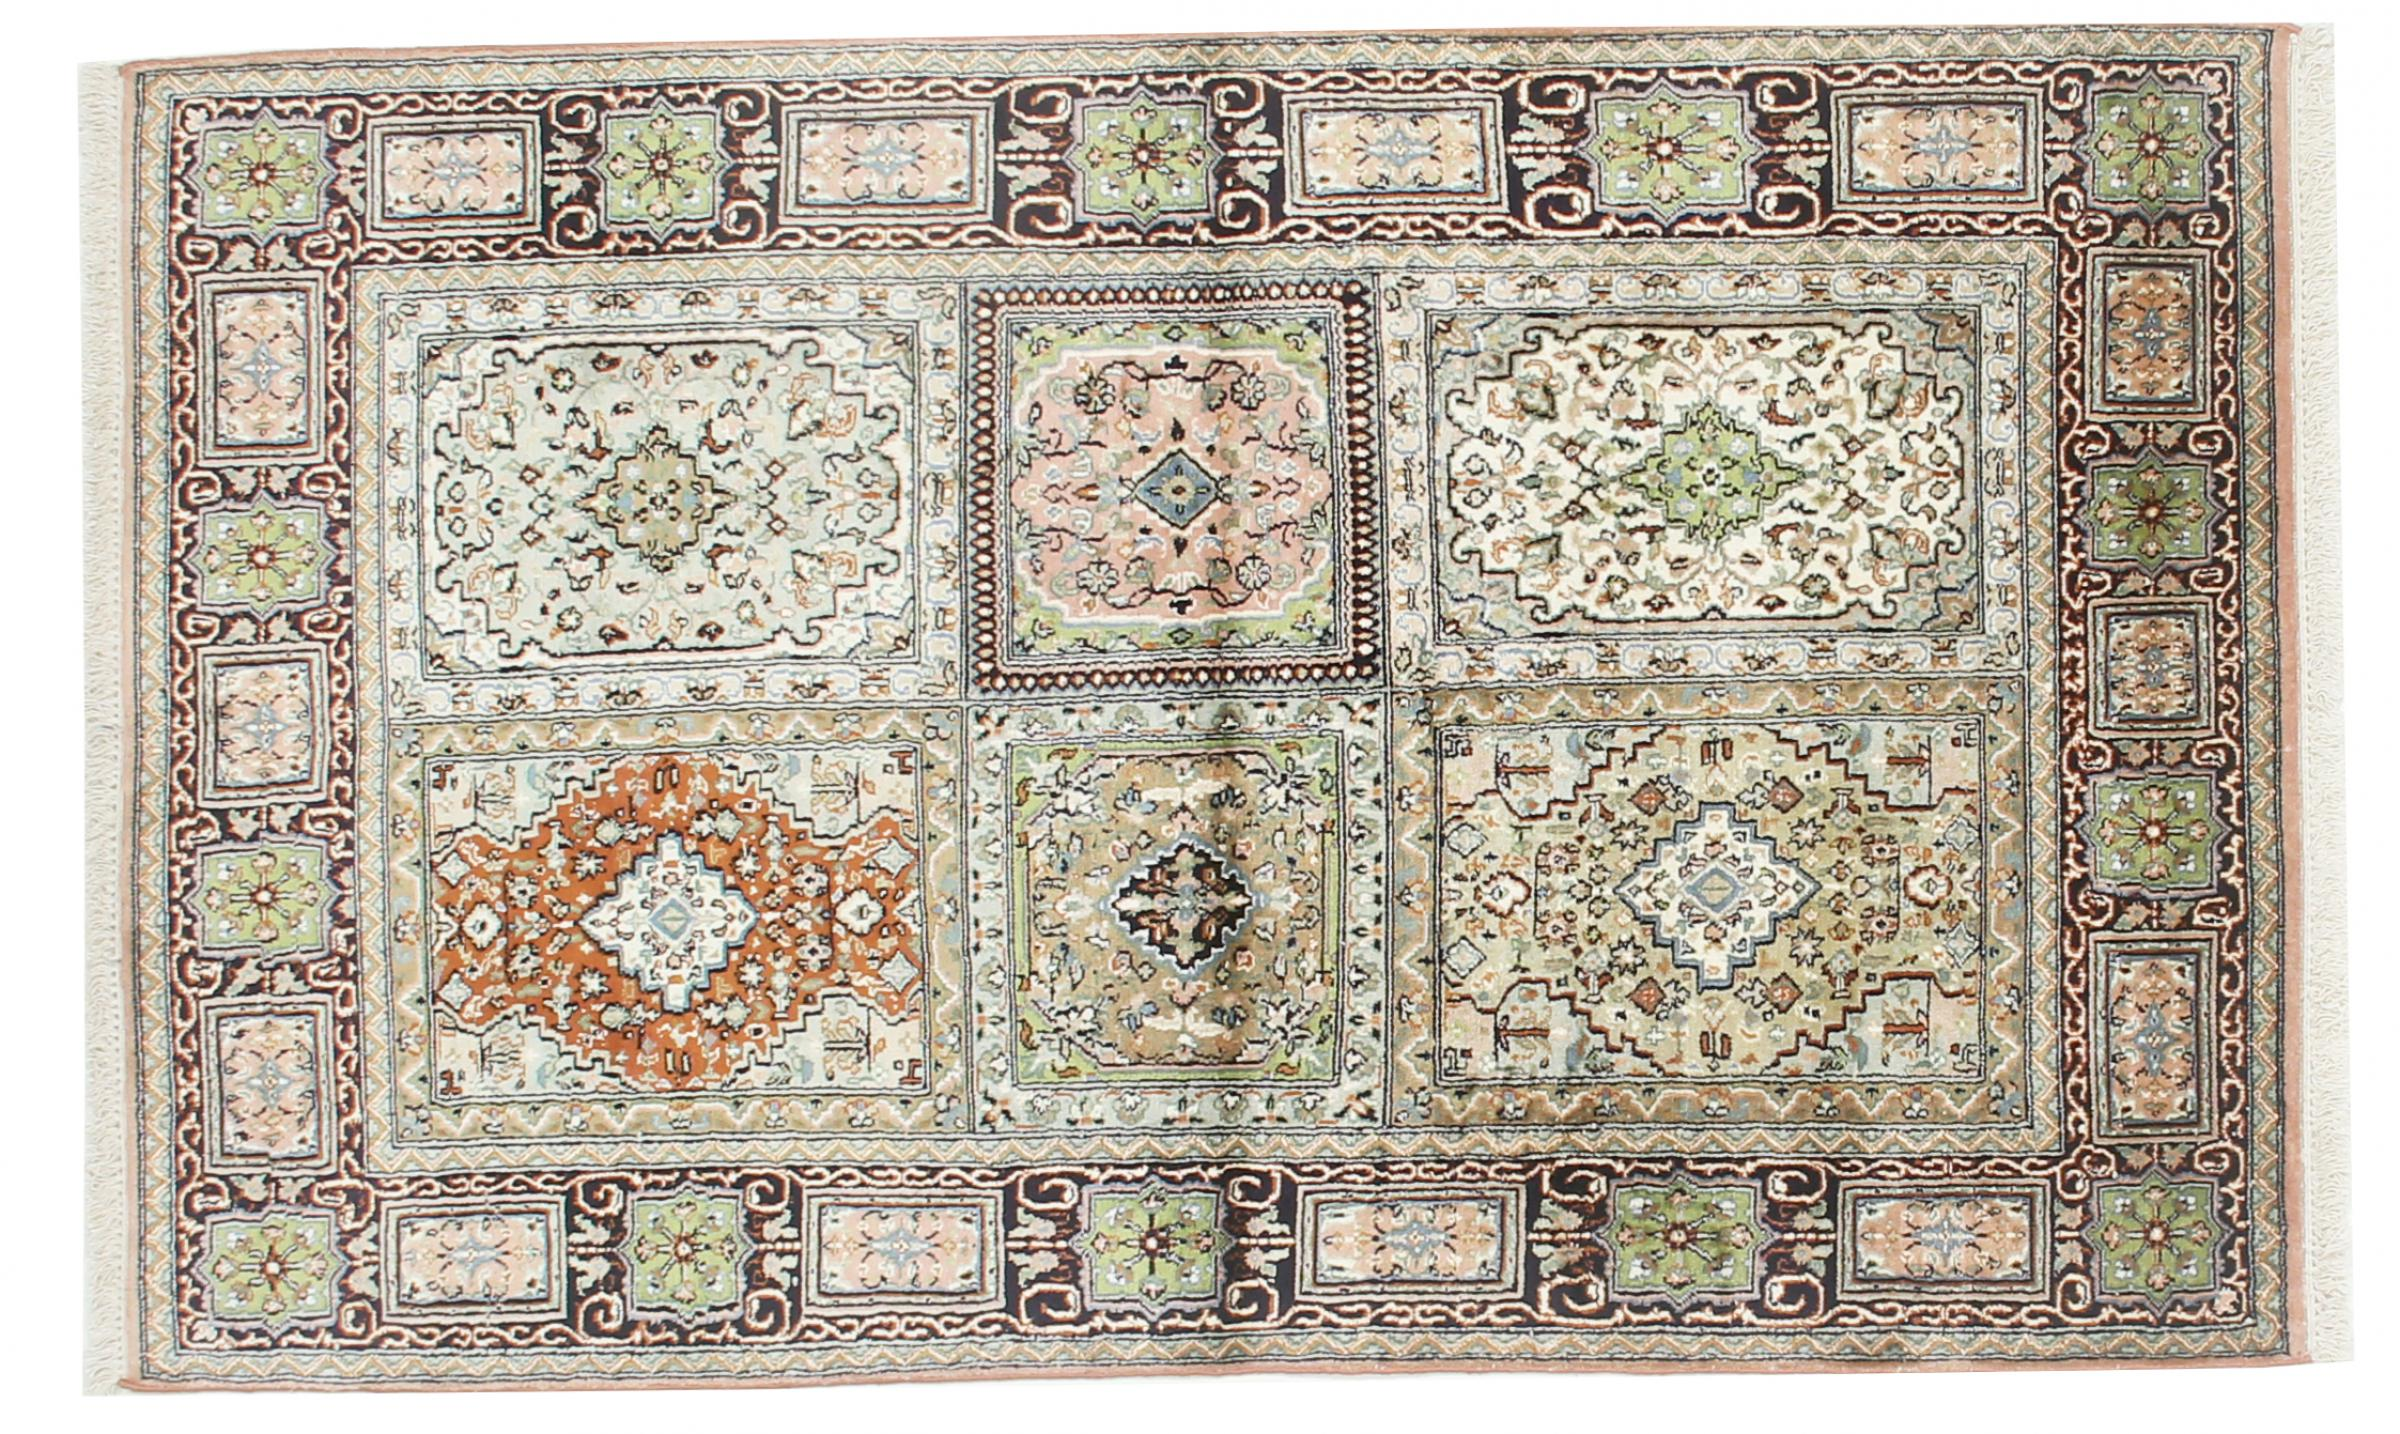 kaschmir reine seide indischer teppich 156x96 id33047. Black Bedroom Furniture Sets. Home Design Ideas